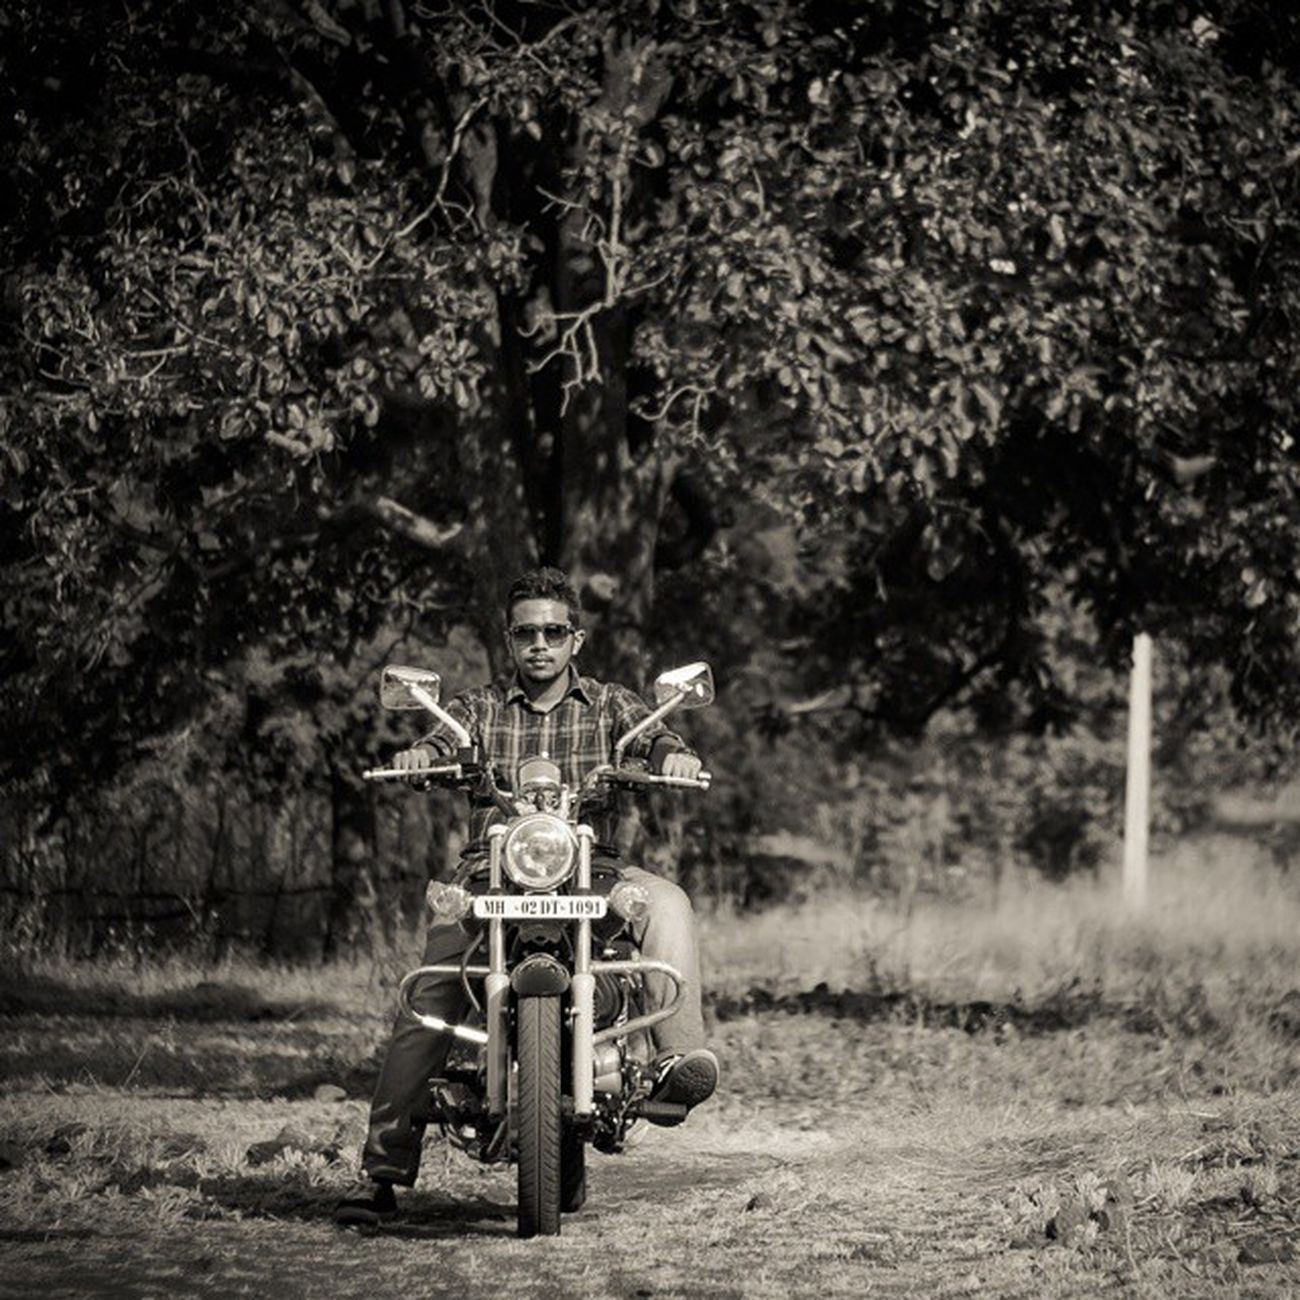 So my 200th post is dedicated to my new bike Avenger. Bajaj Avenger